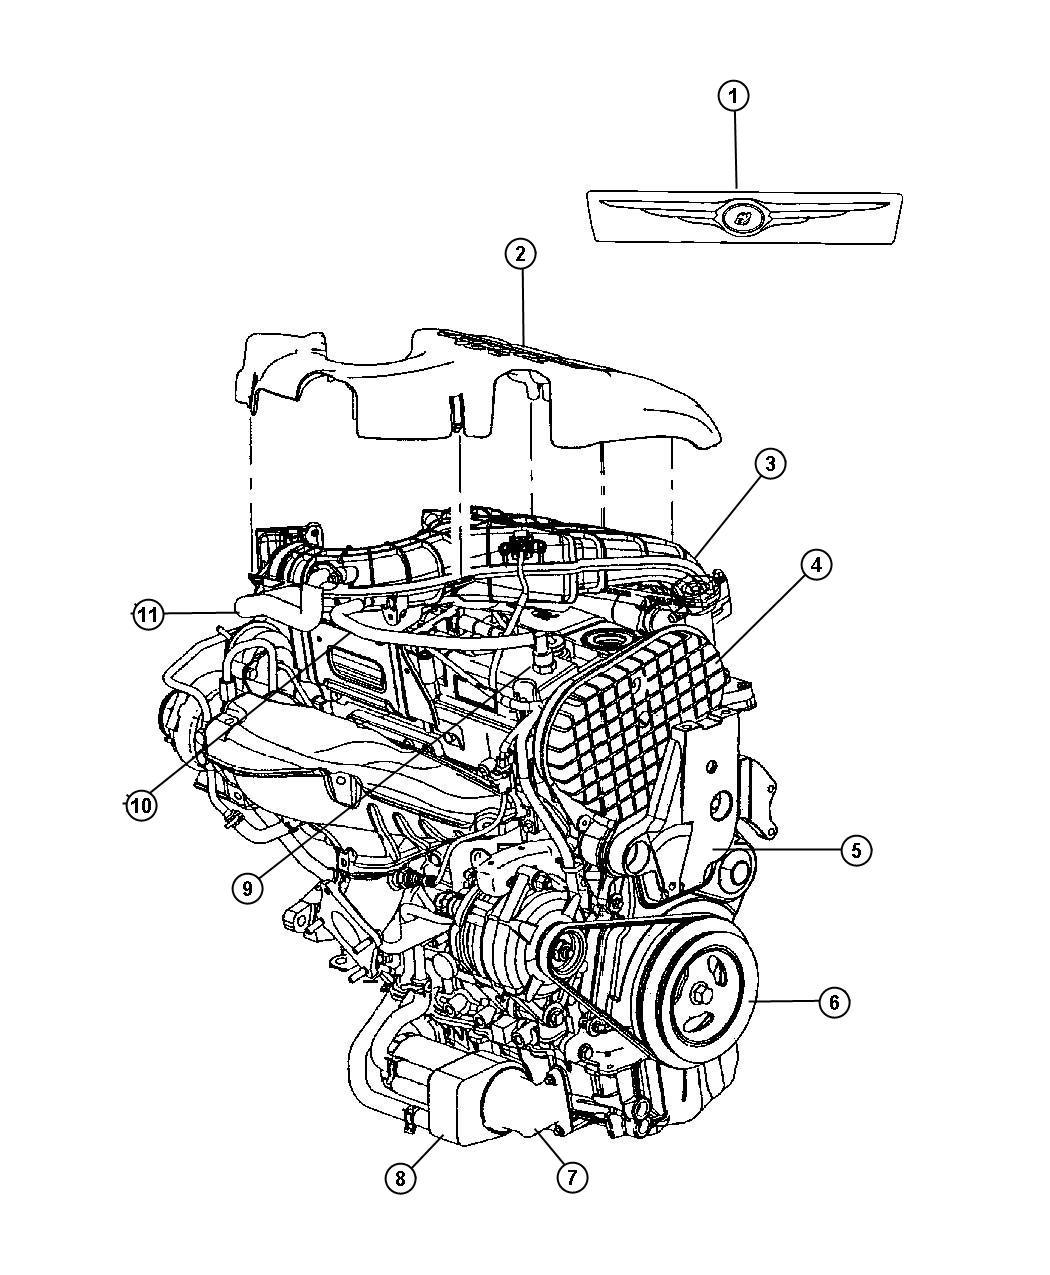 2006 pt cruiser 2 4l engine diagram chrysler    pt       cruiser    cover    engine    convertiable  27  chrysler    pt       cruiser    cover    engine    convertiable  27